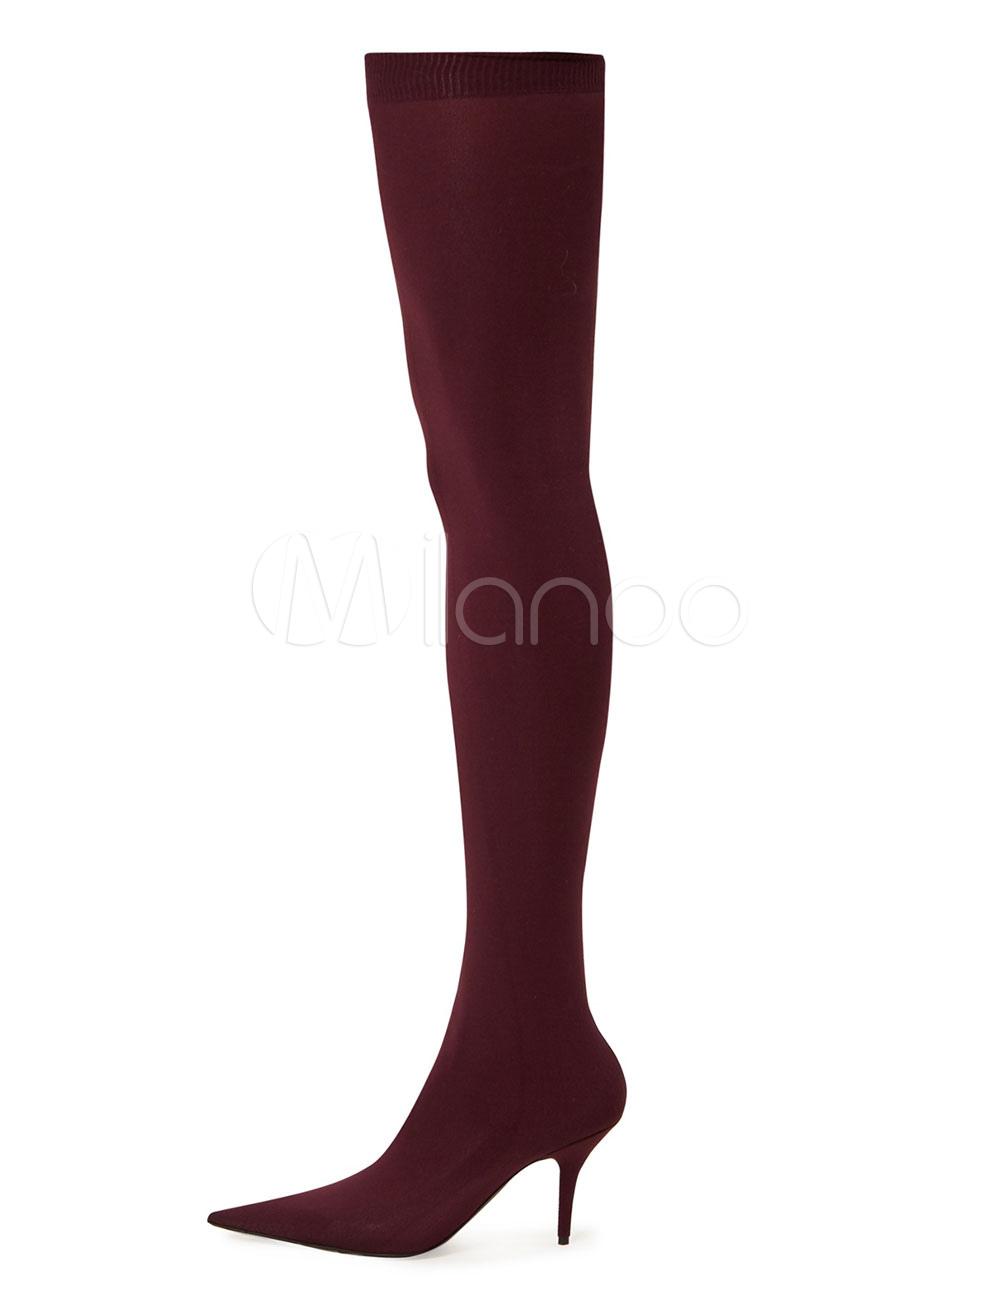 Botas sobre la rodilla con pala de spandex Color liso estilo moderno jk5Y34ZX7